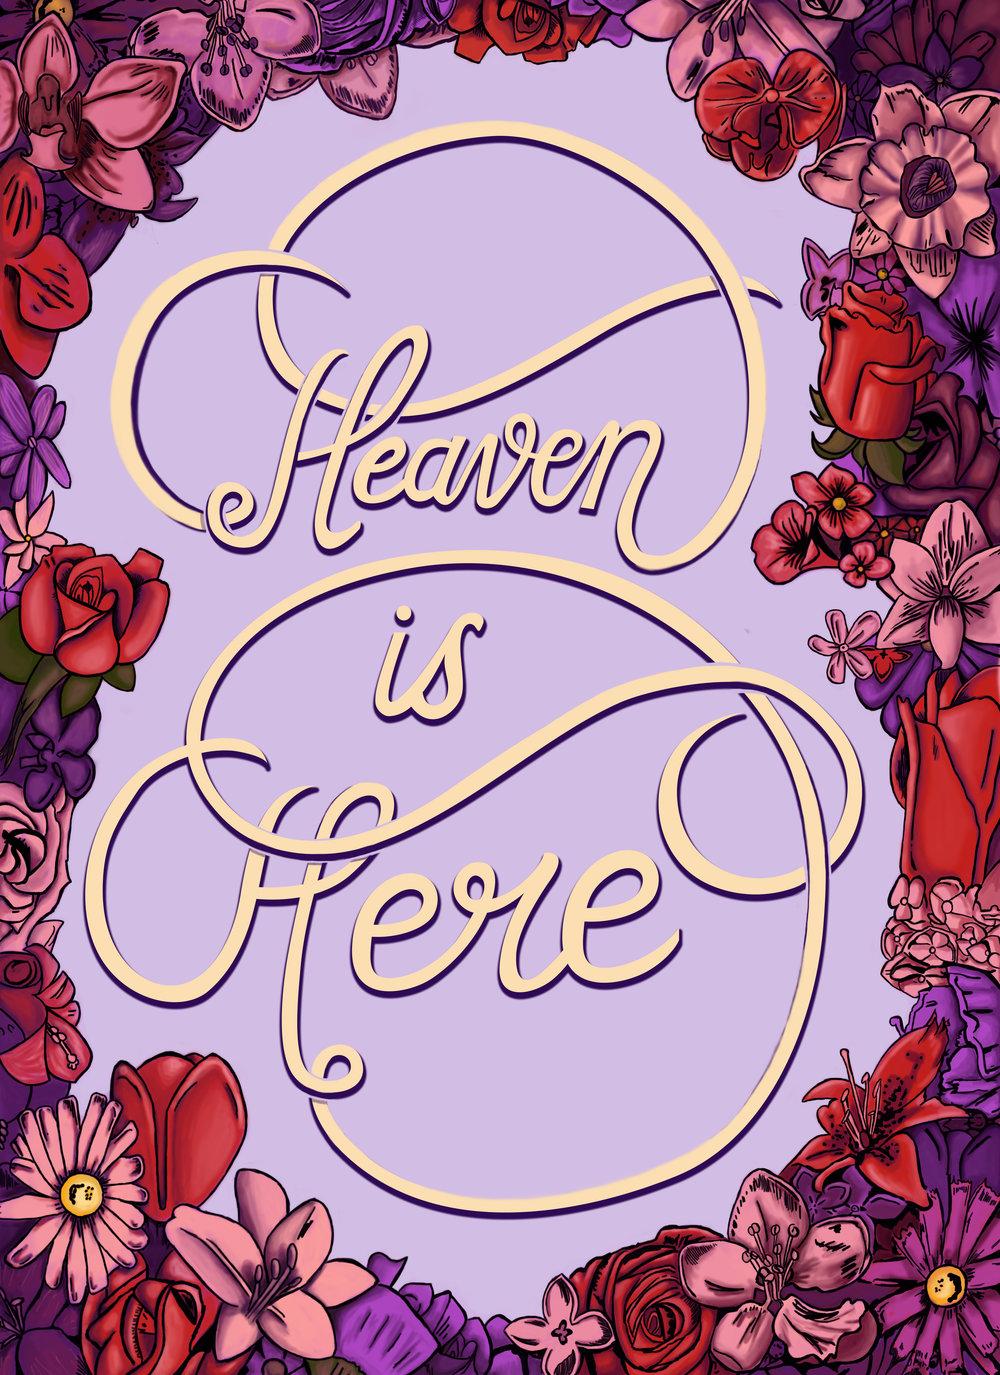 heaven_SKKIM.jpg